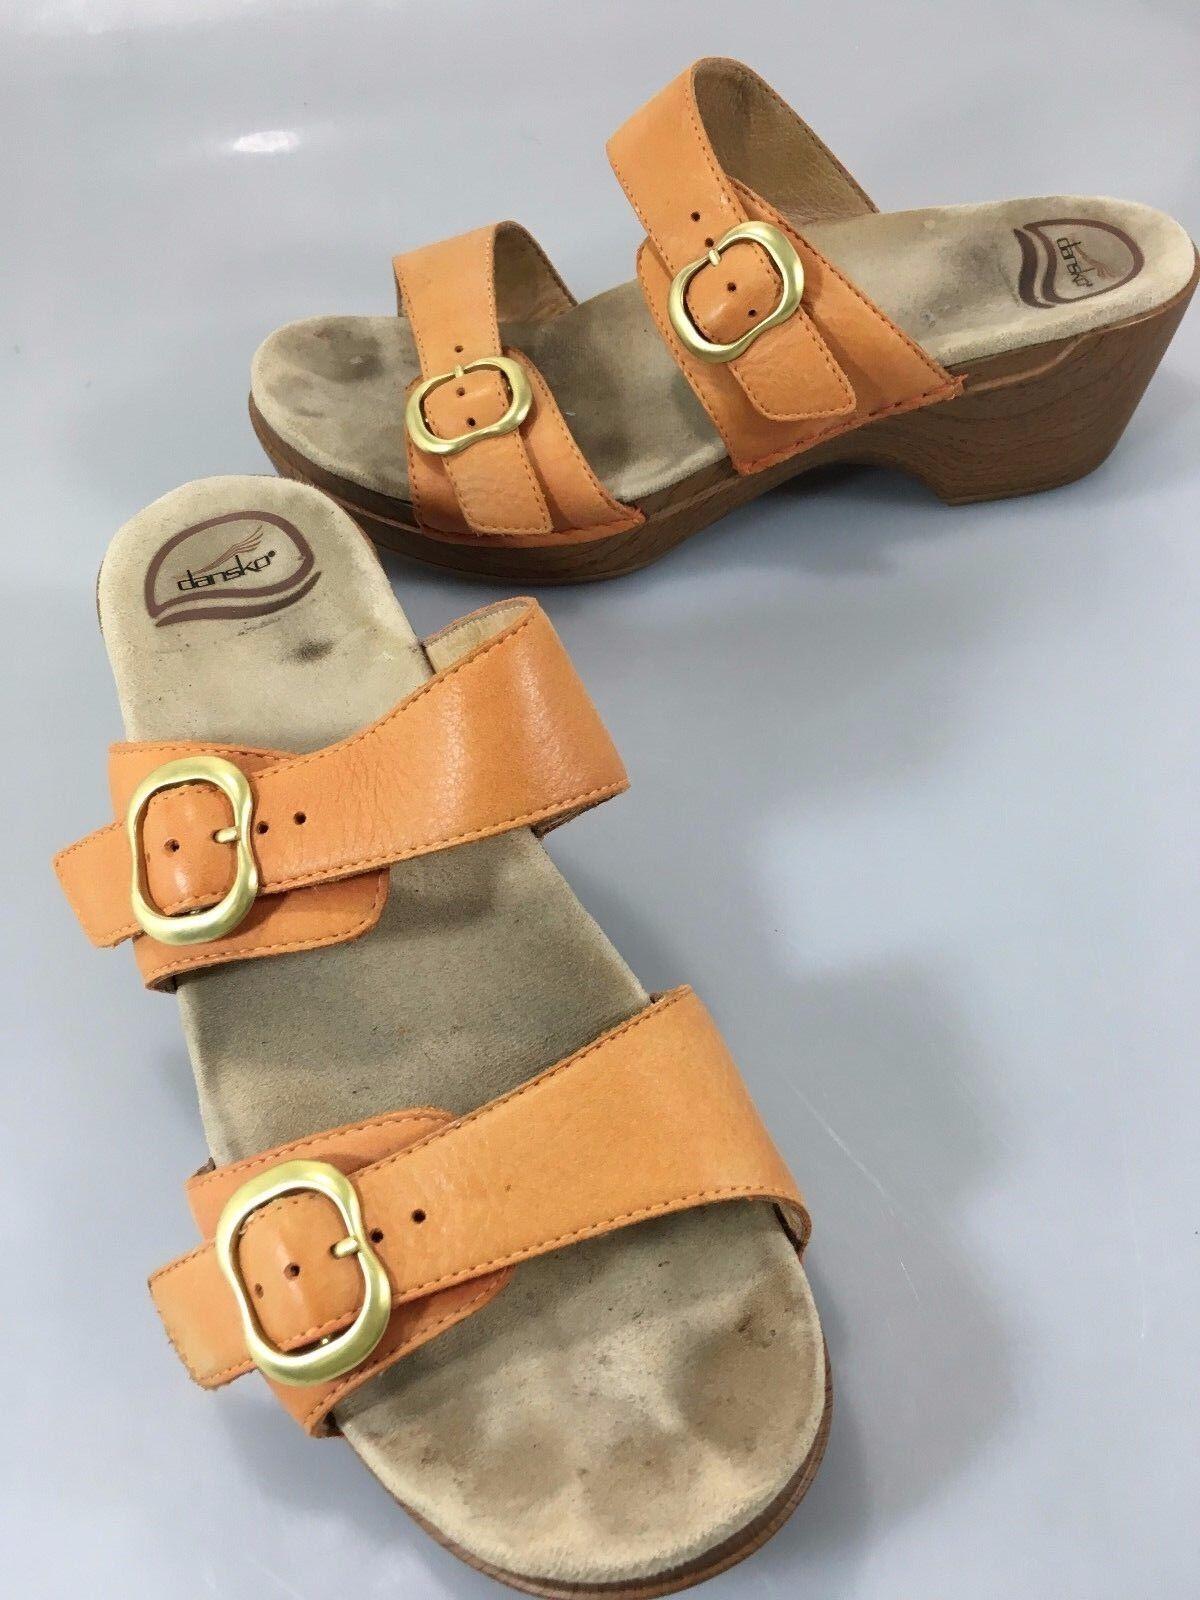 Dansko Womens 41 EU 10.5-11 US Sophie orange Leather 2 Strap Slide Sandals